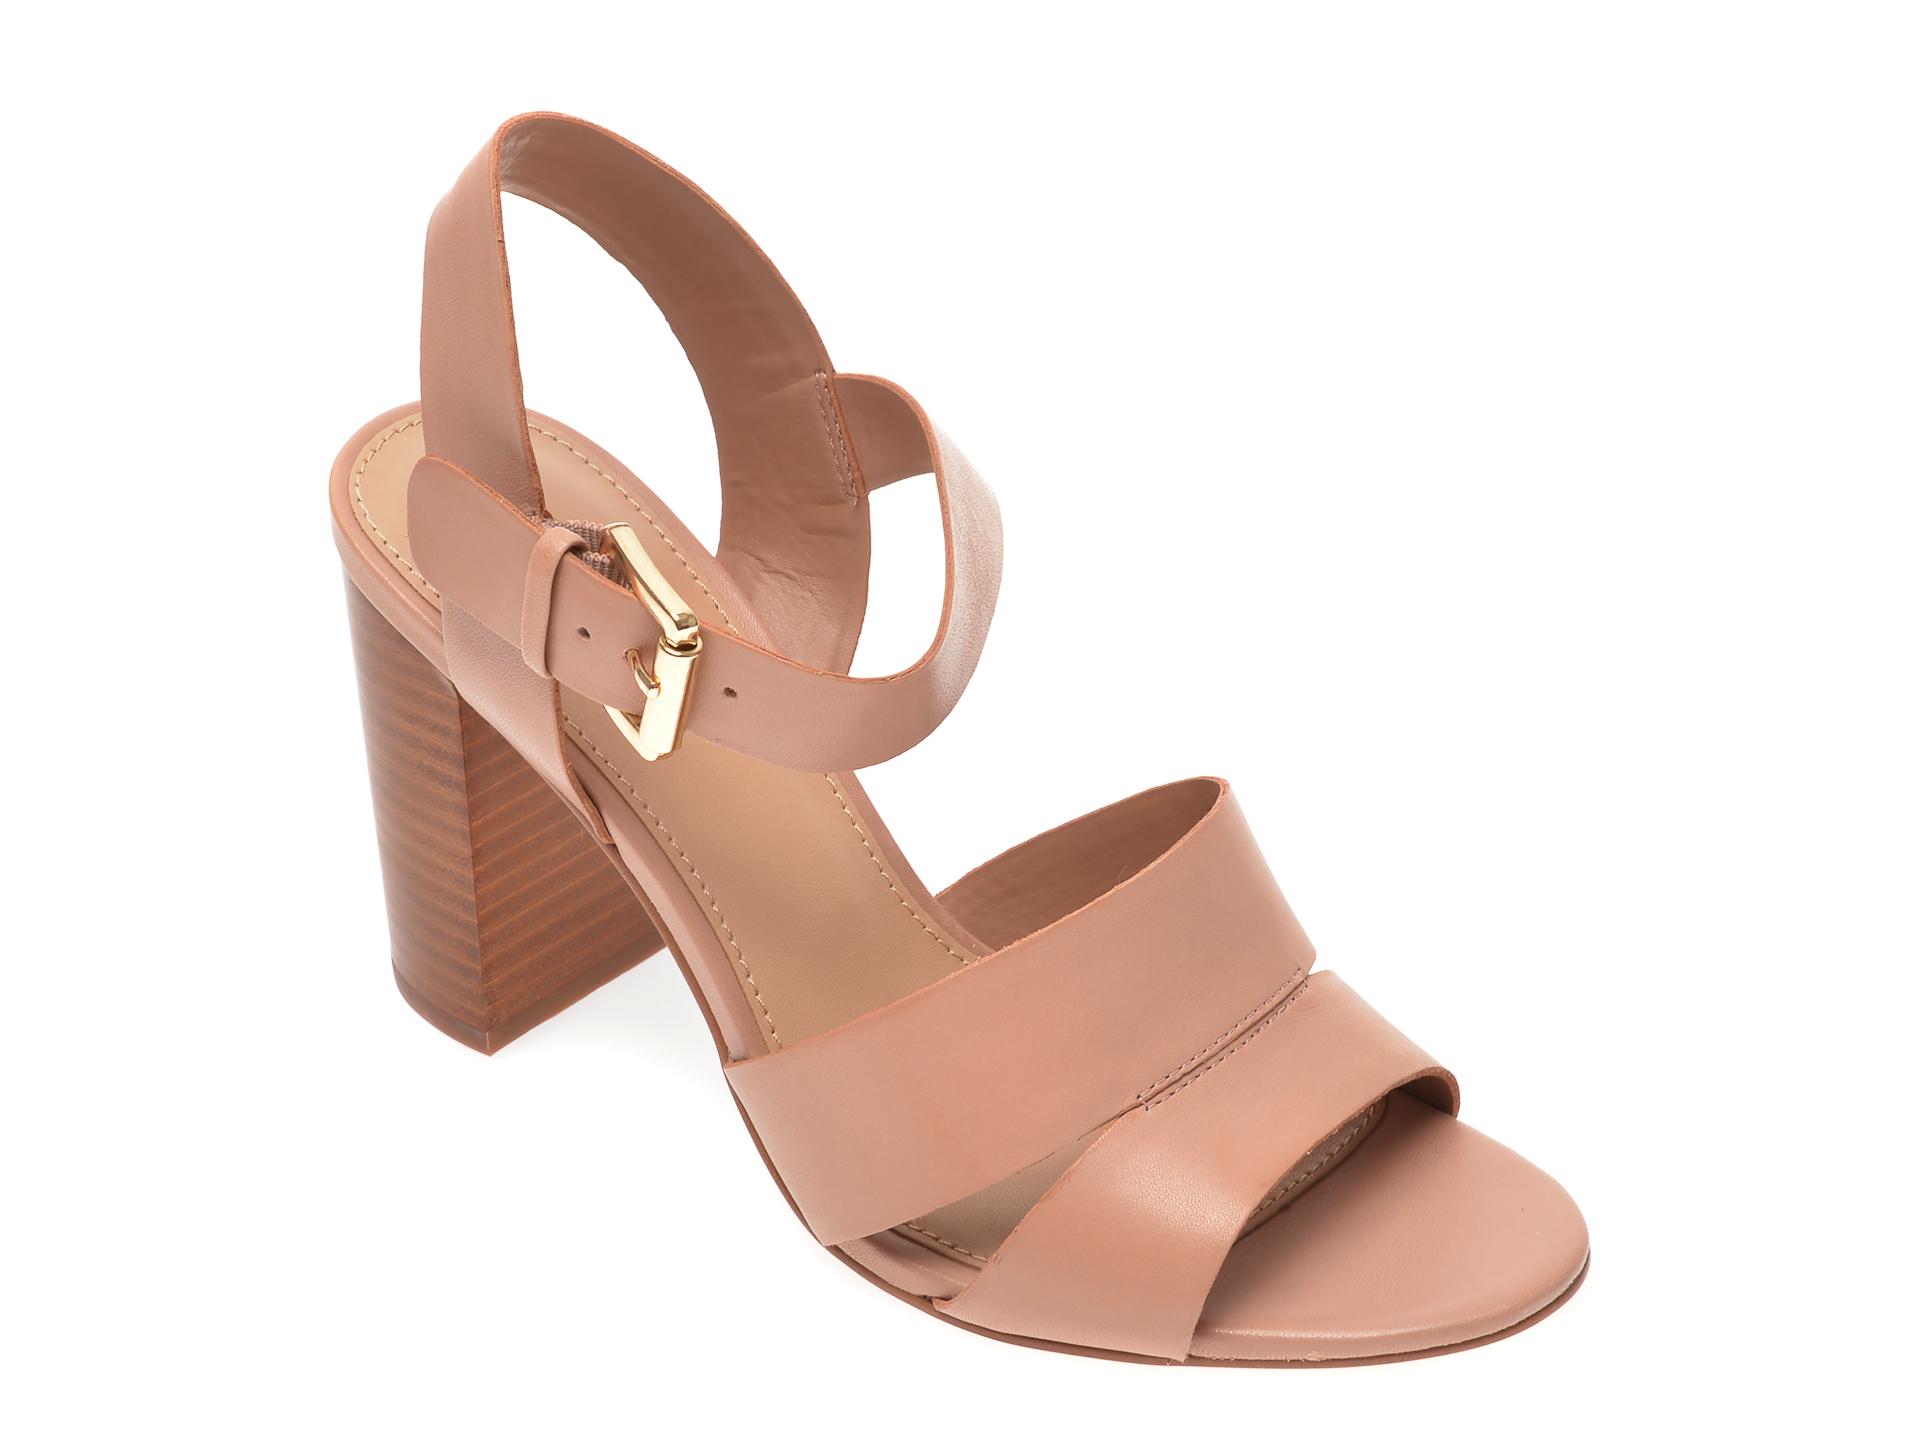 Sandale ALDO nude, Caparosa270, din piele naturala imagine